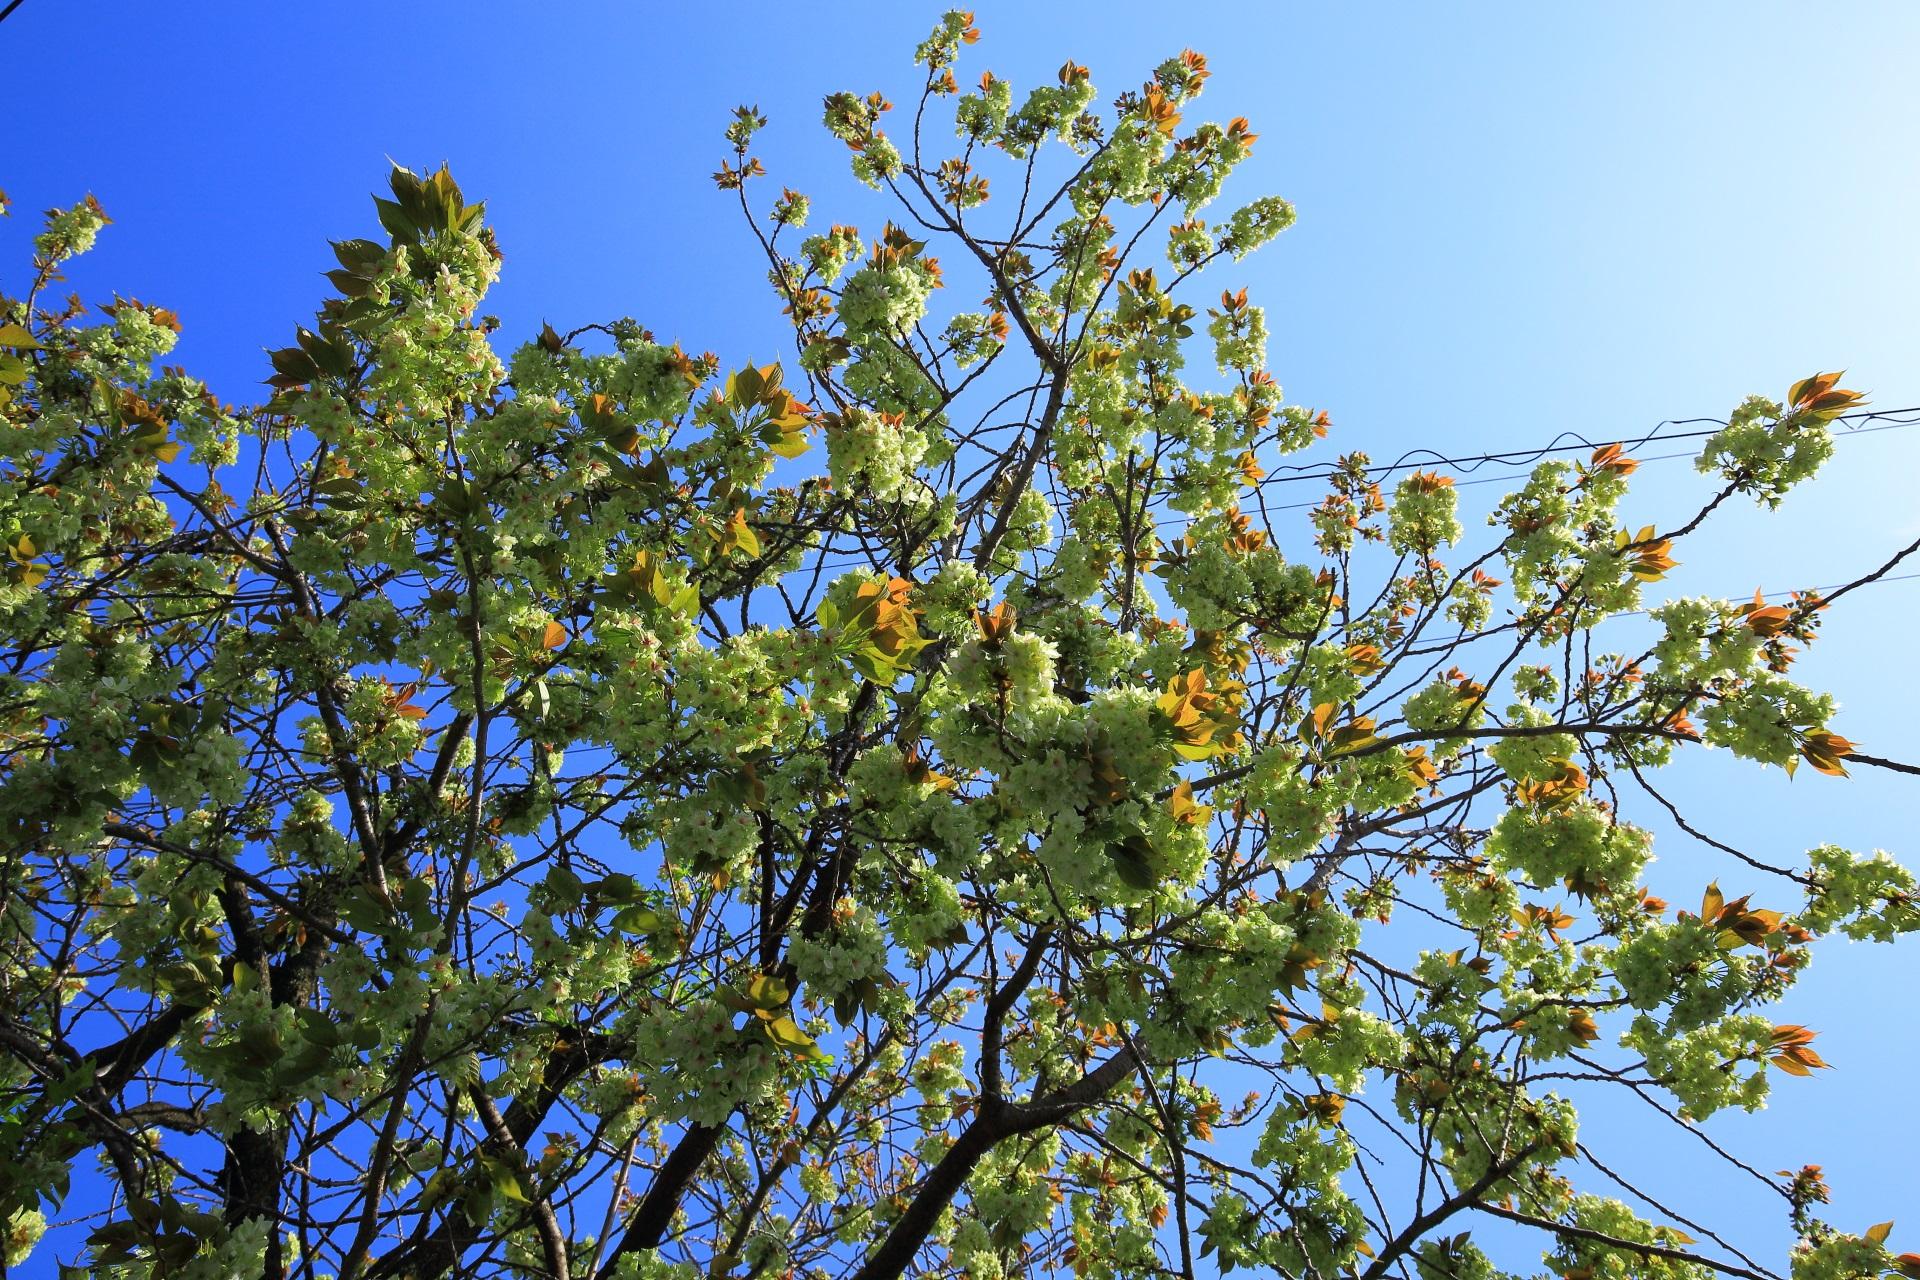 境内の外から眺めた(見上げた)御衣黄桜